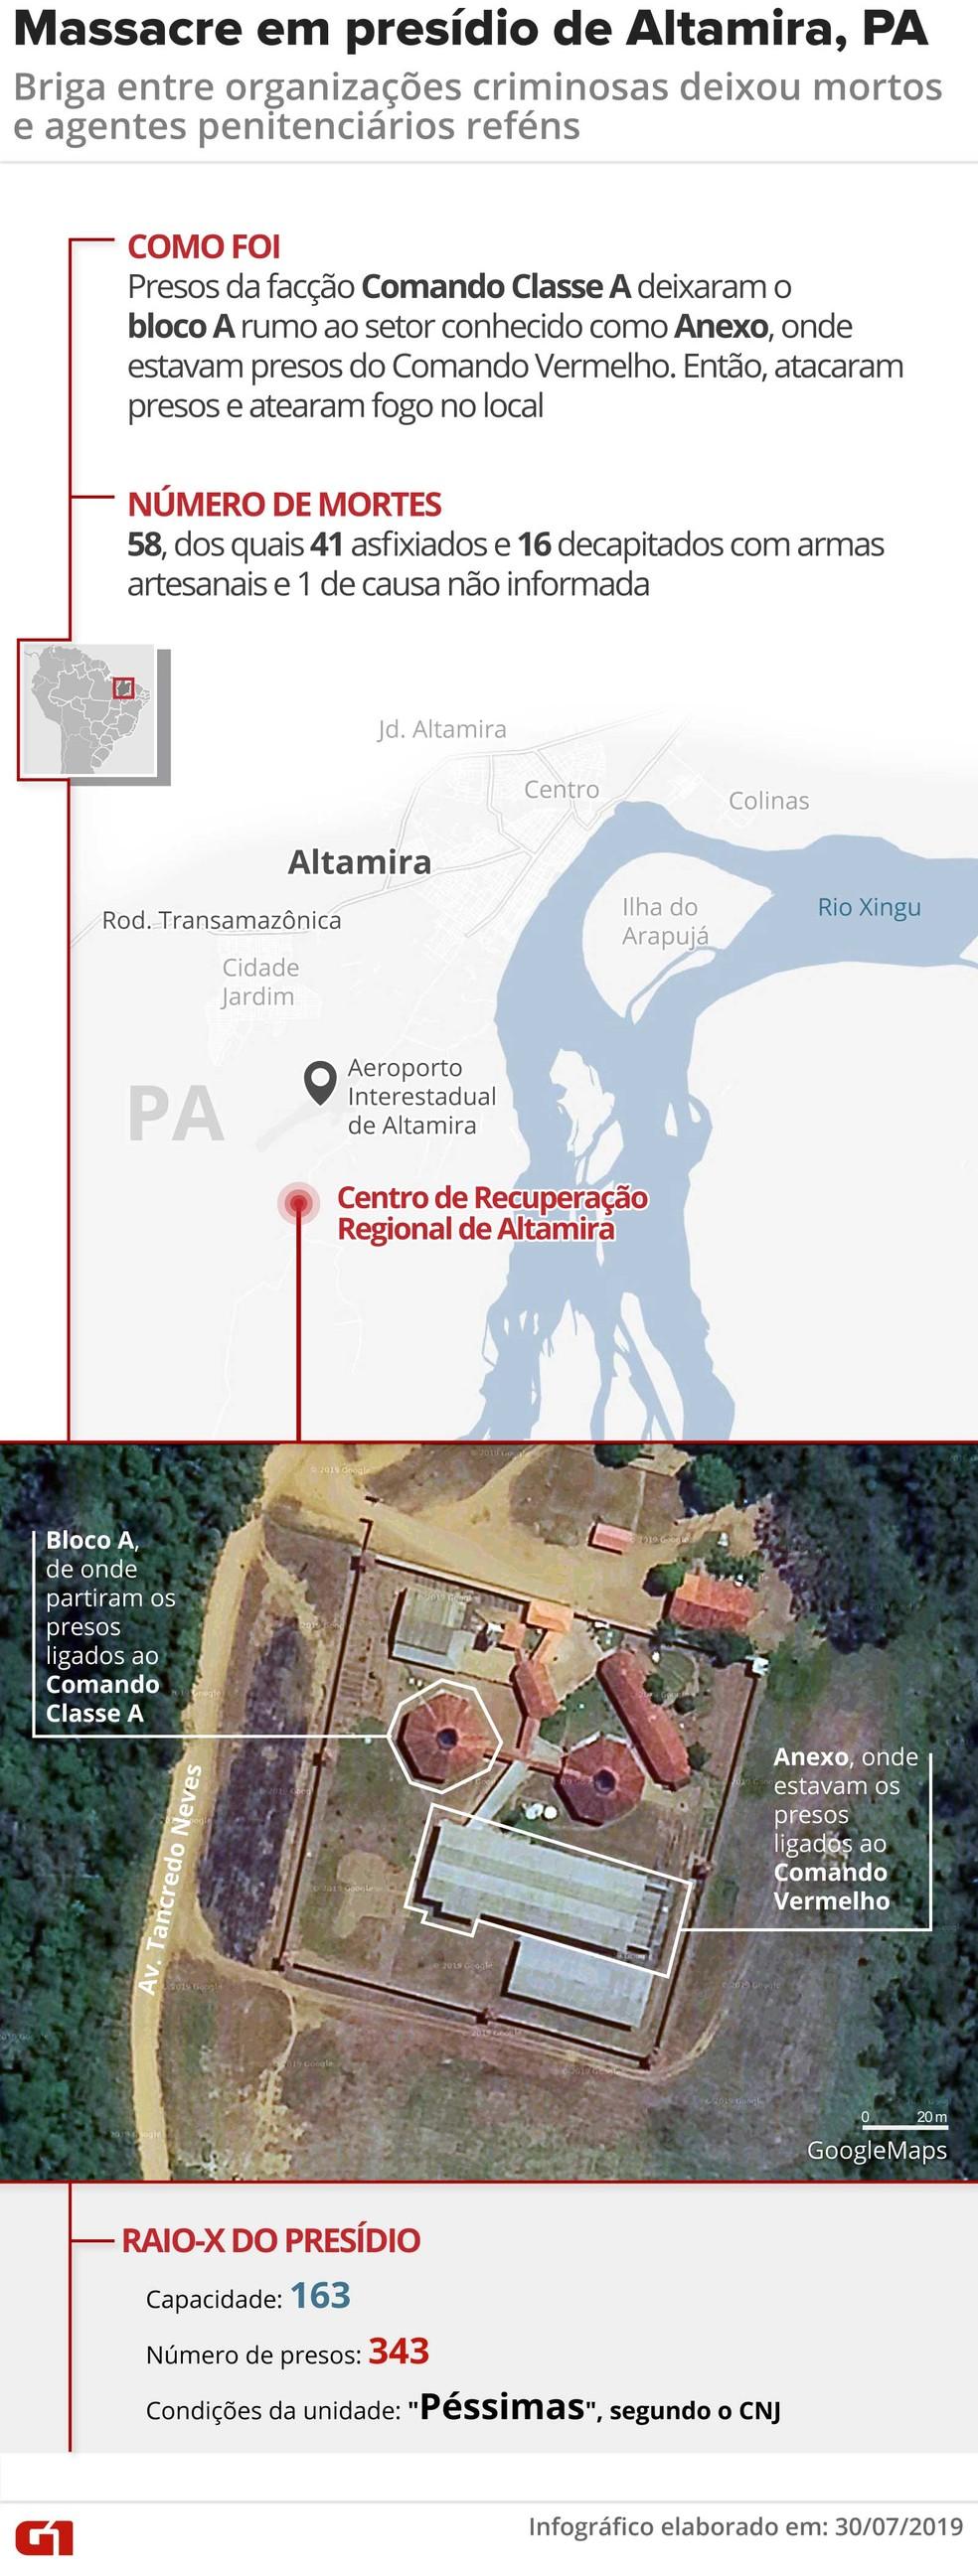 pa rebeliao altamira v3 - 26 dos 62 detentos mortos em massacre de Altamira eram presos provisórios